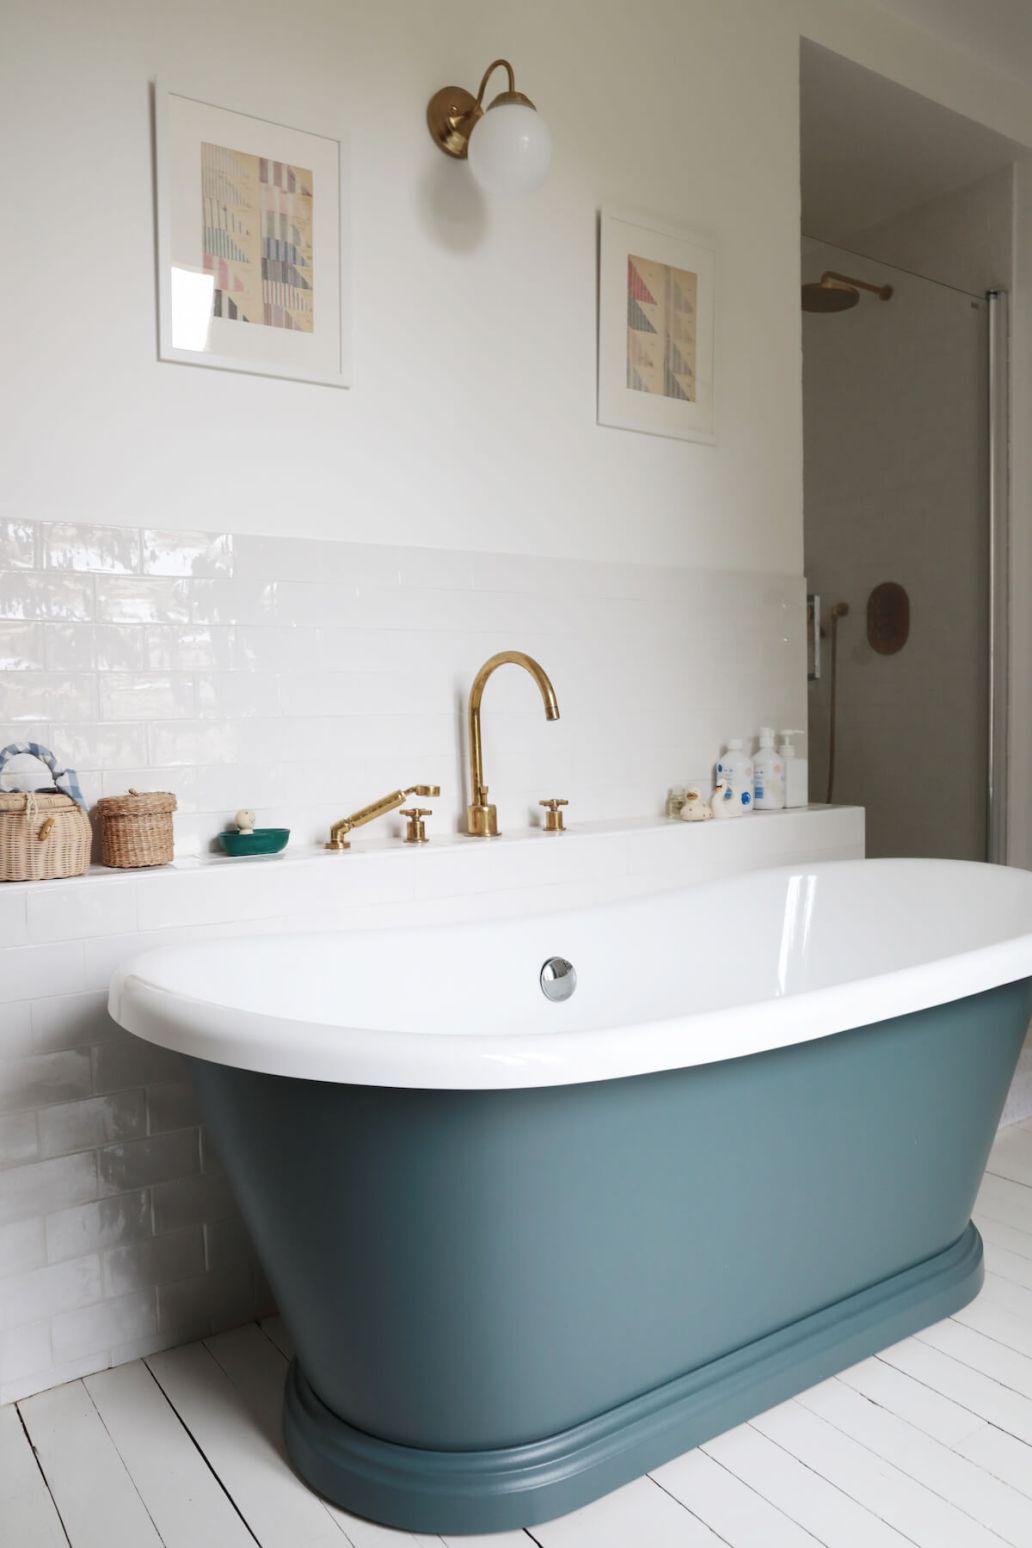 maison deco style anglais marceline A5792 2 - Salle de bains ancienne : 8 astuces pour la rénover !